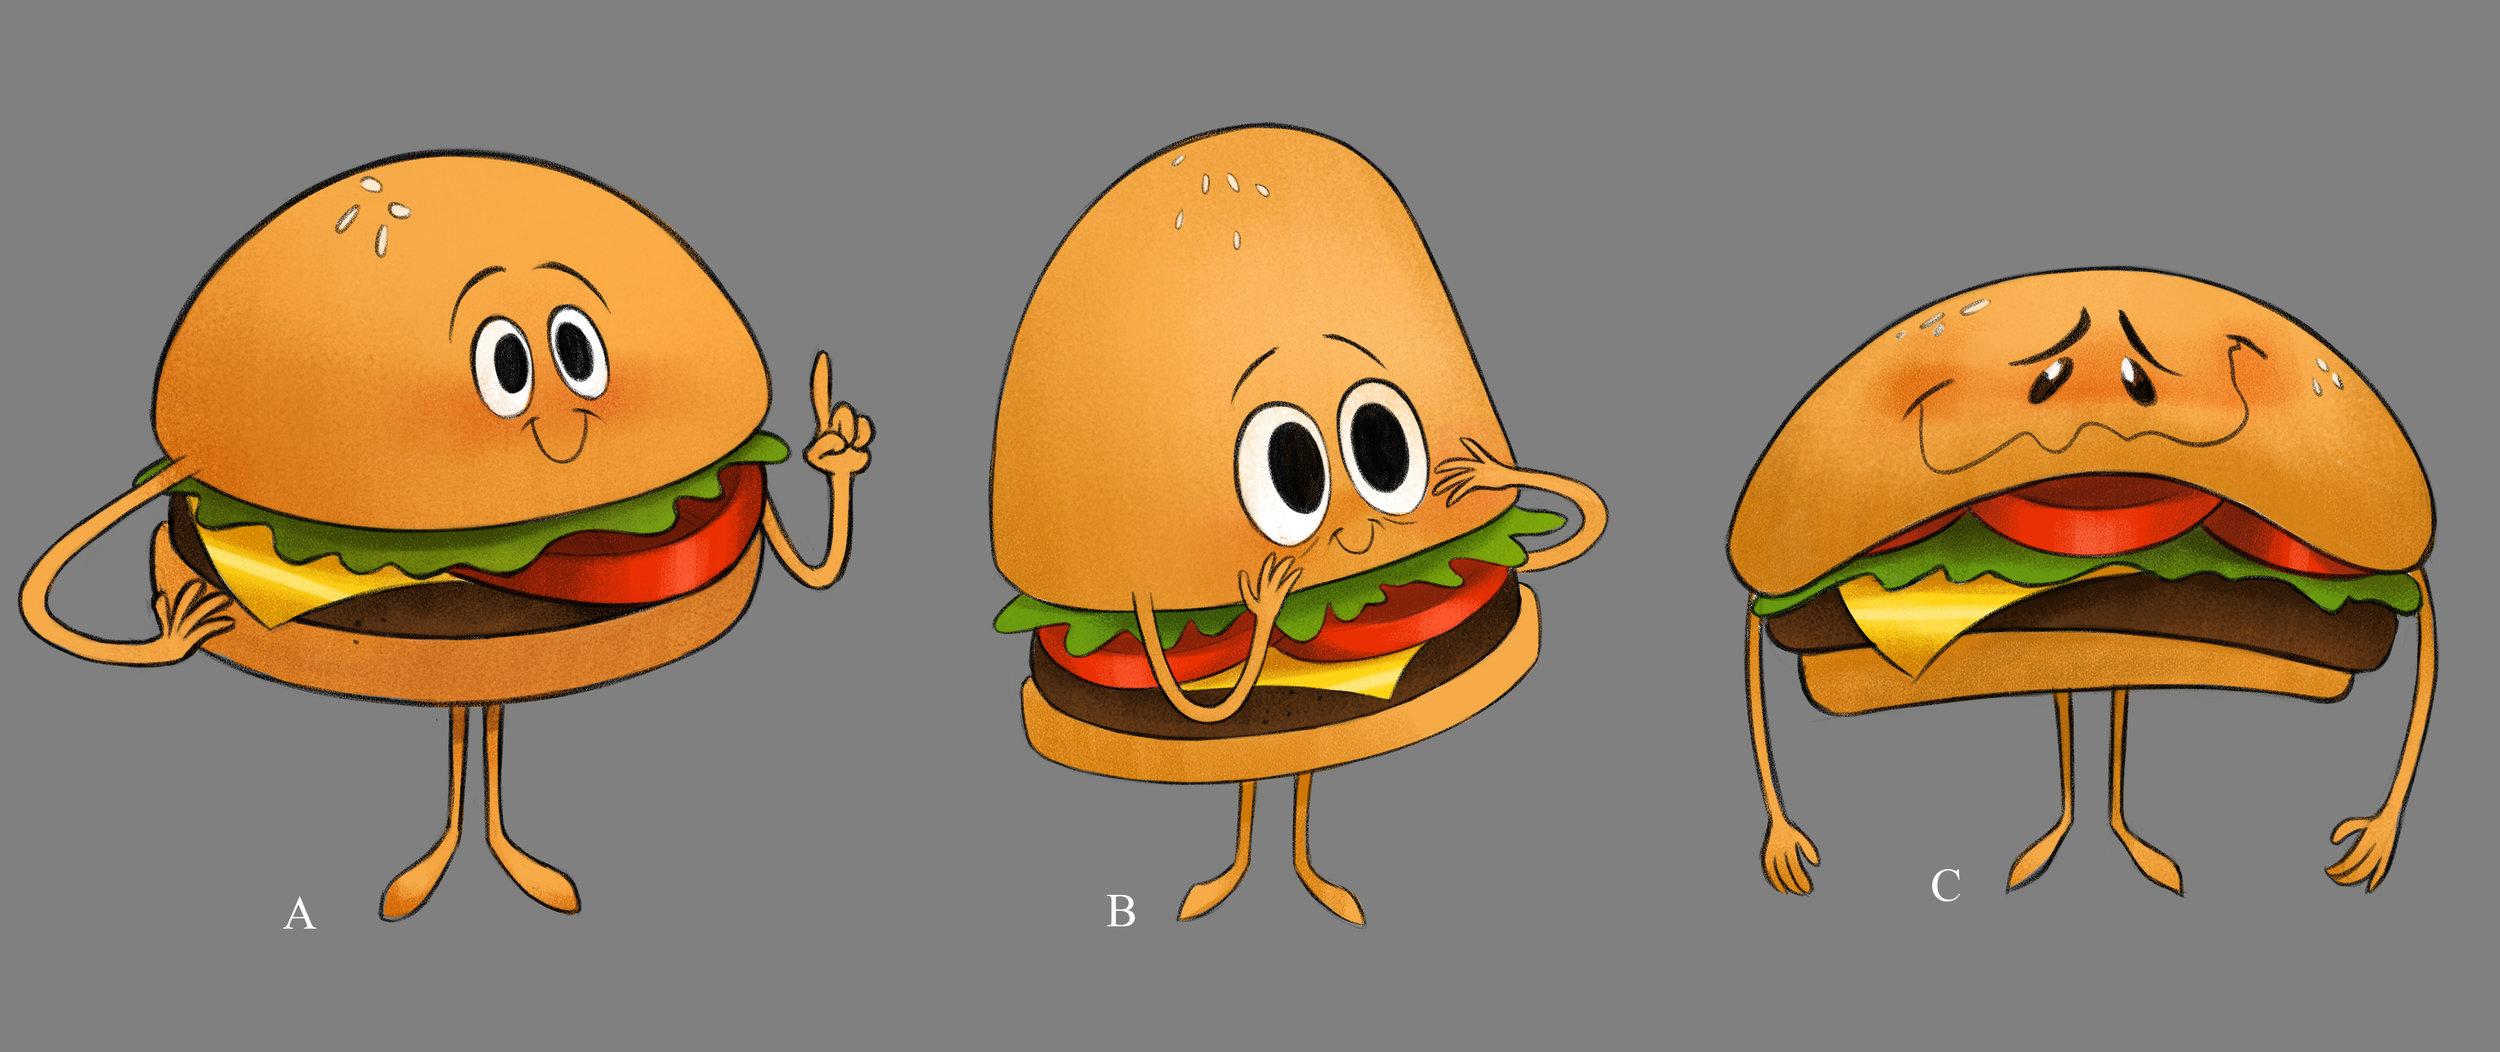 Explorations for the hamburger emoji.